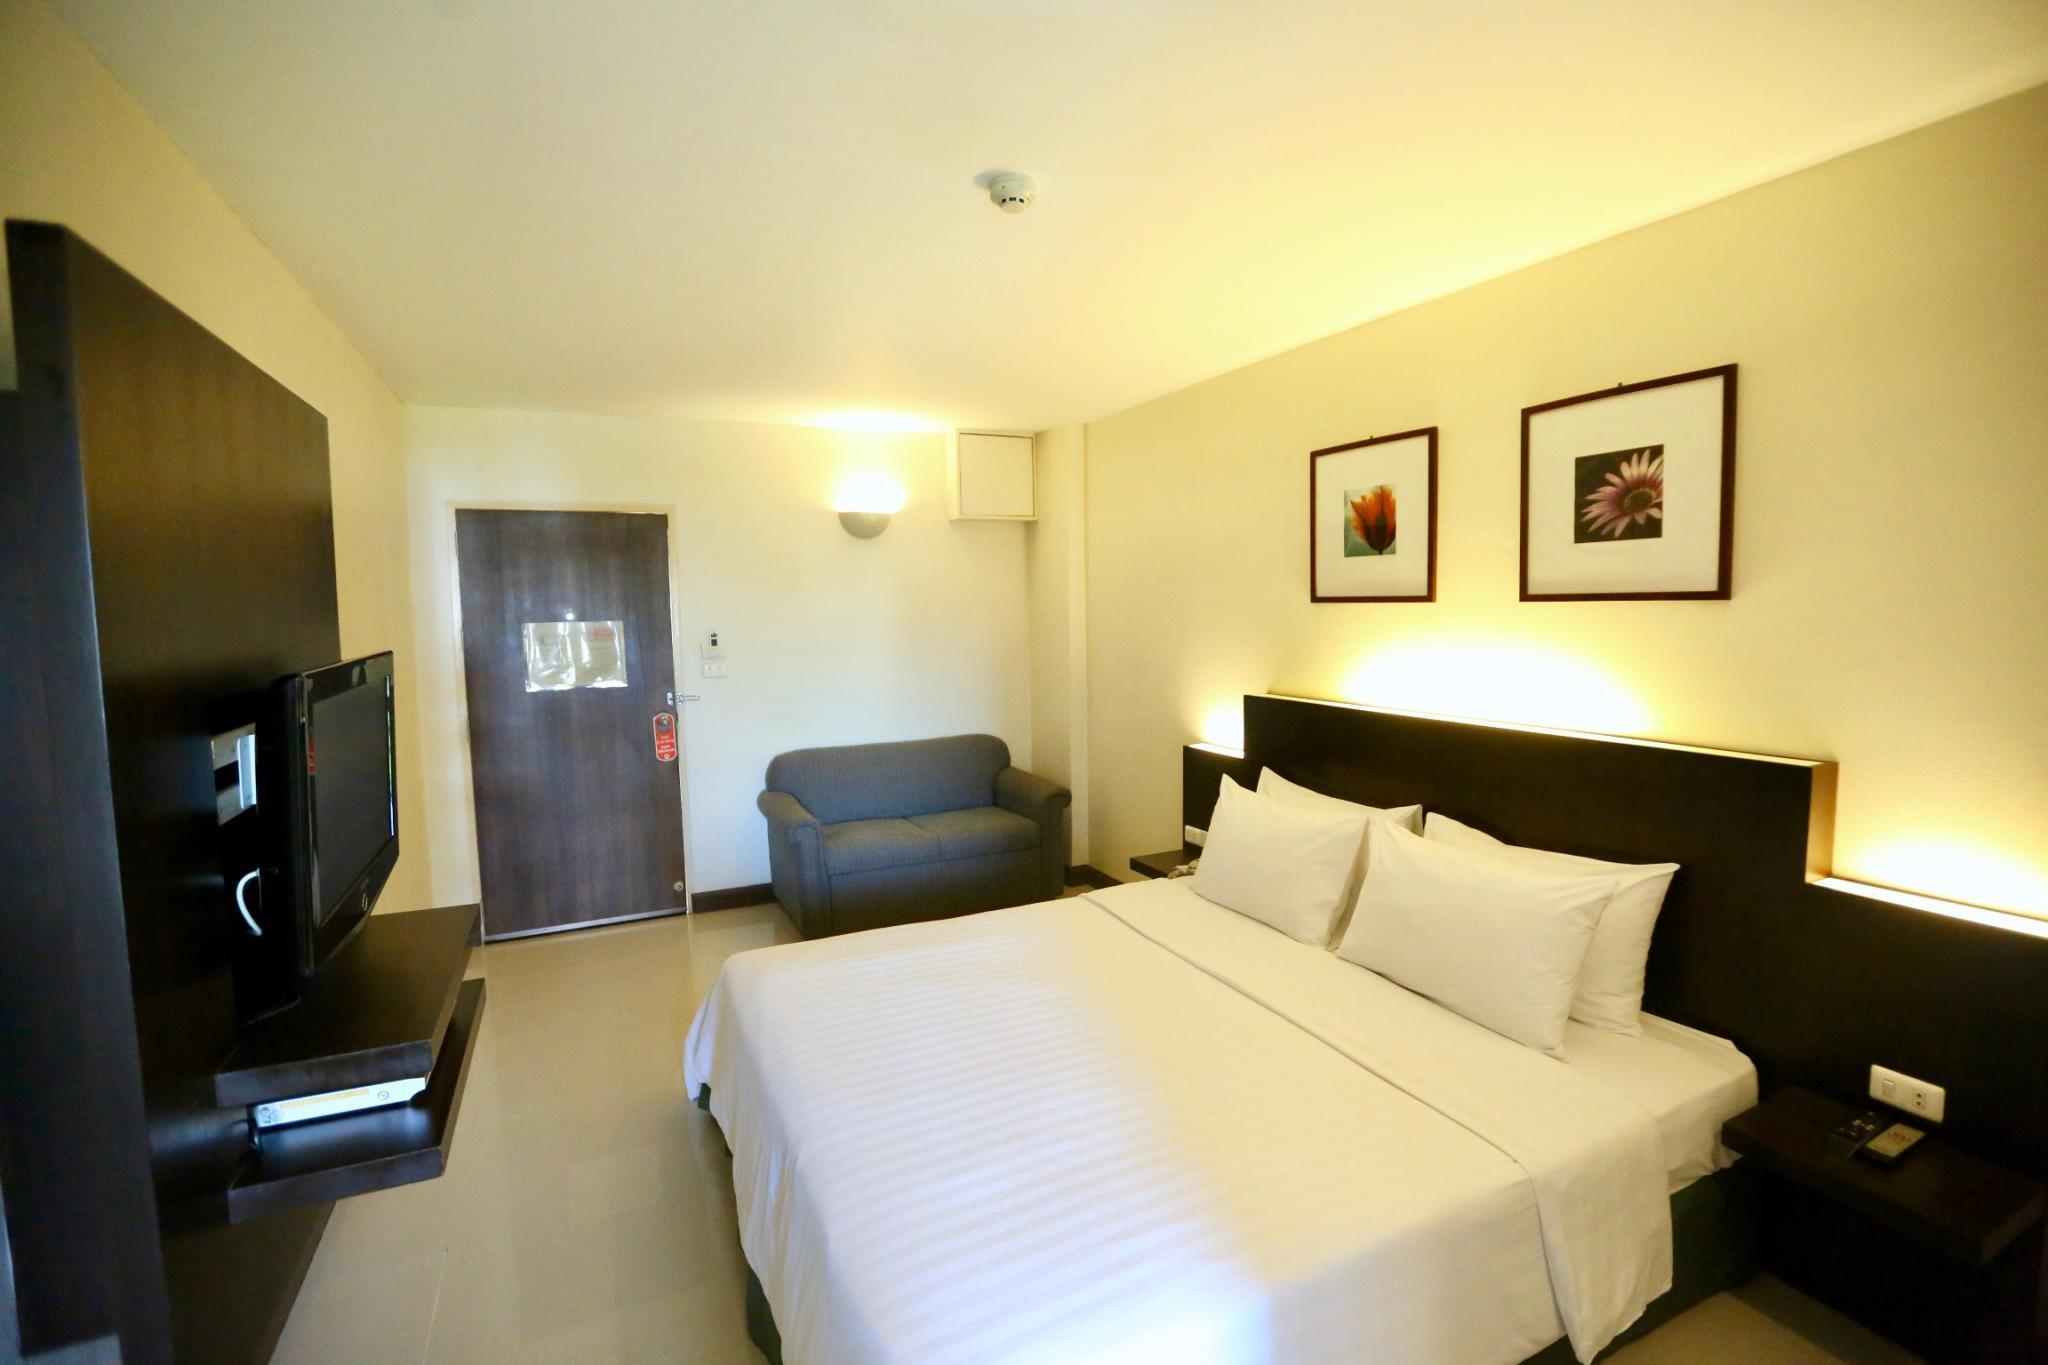 Synsiri Resort สินสิริรีสอร์ท